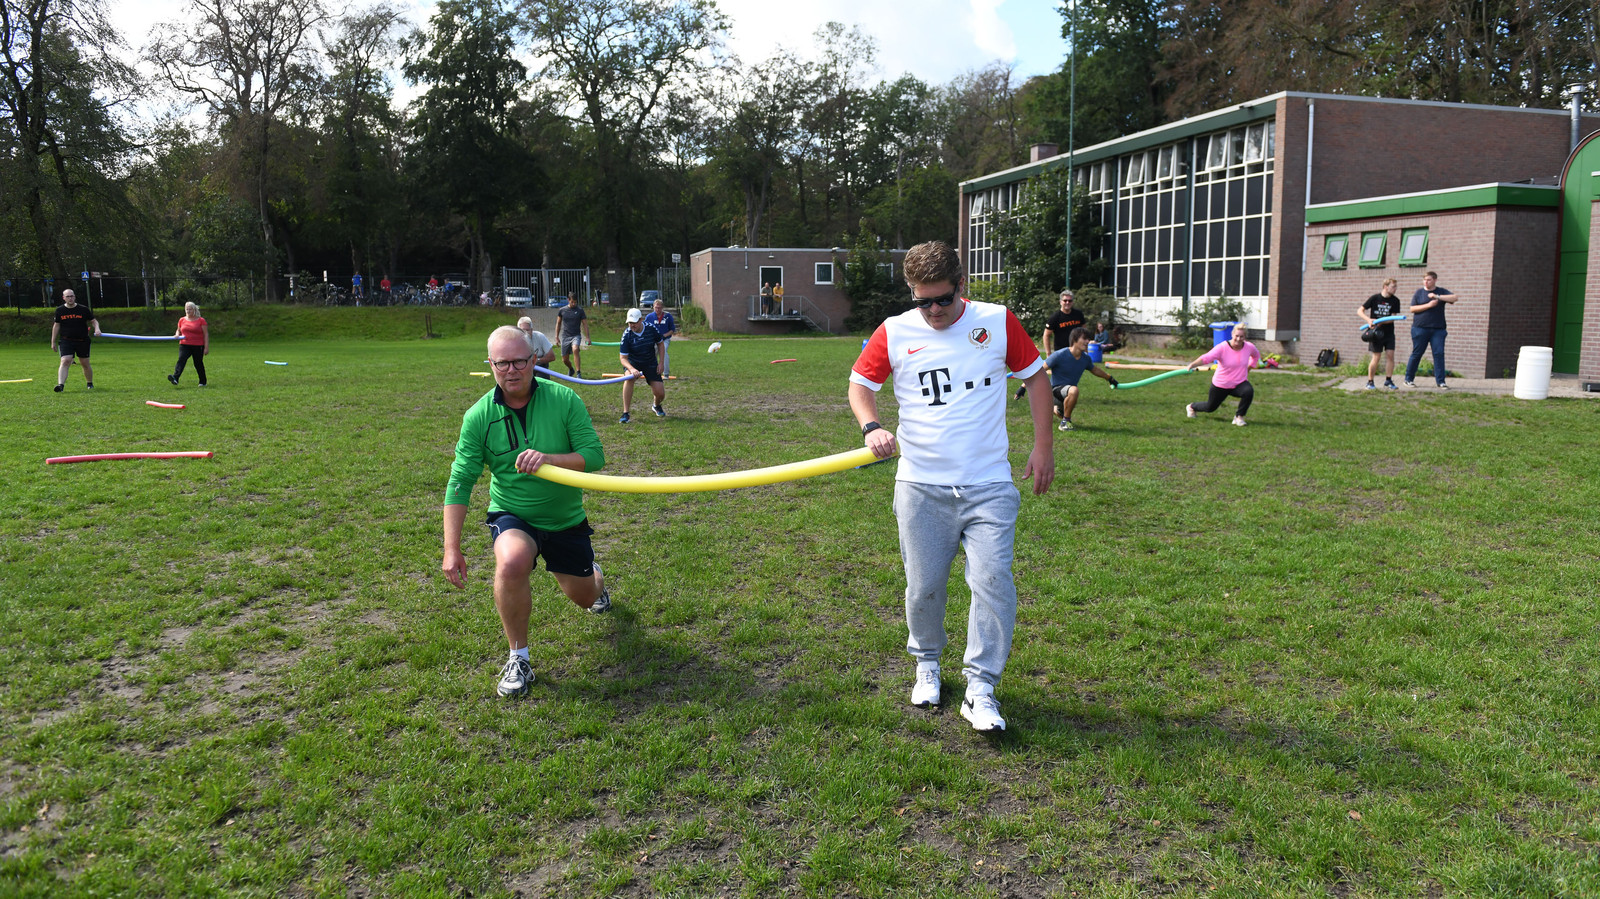 De raadsleden Walter van Dijk (VVD) en Vincent van Voorden (CDA) werken zich in het zweet op een sportveldje in Zeist.